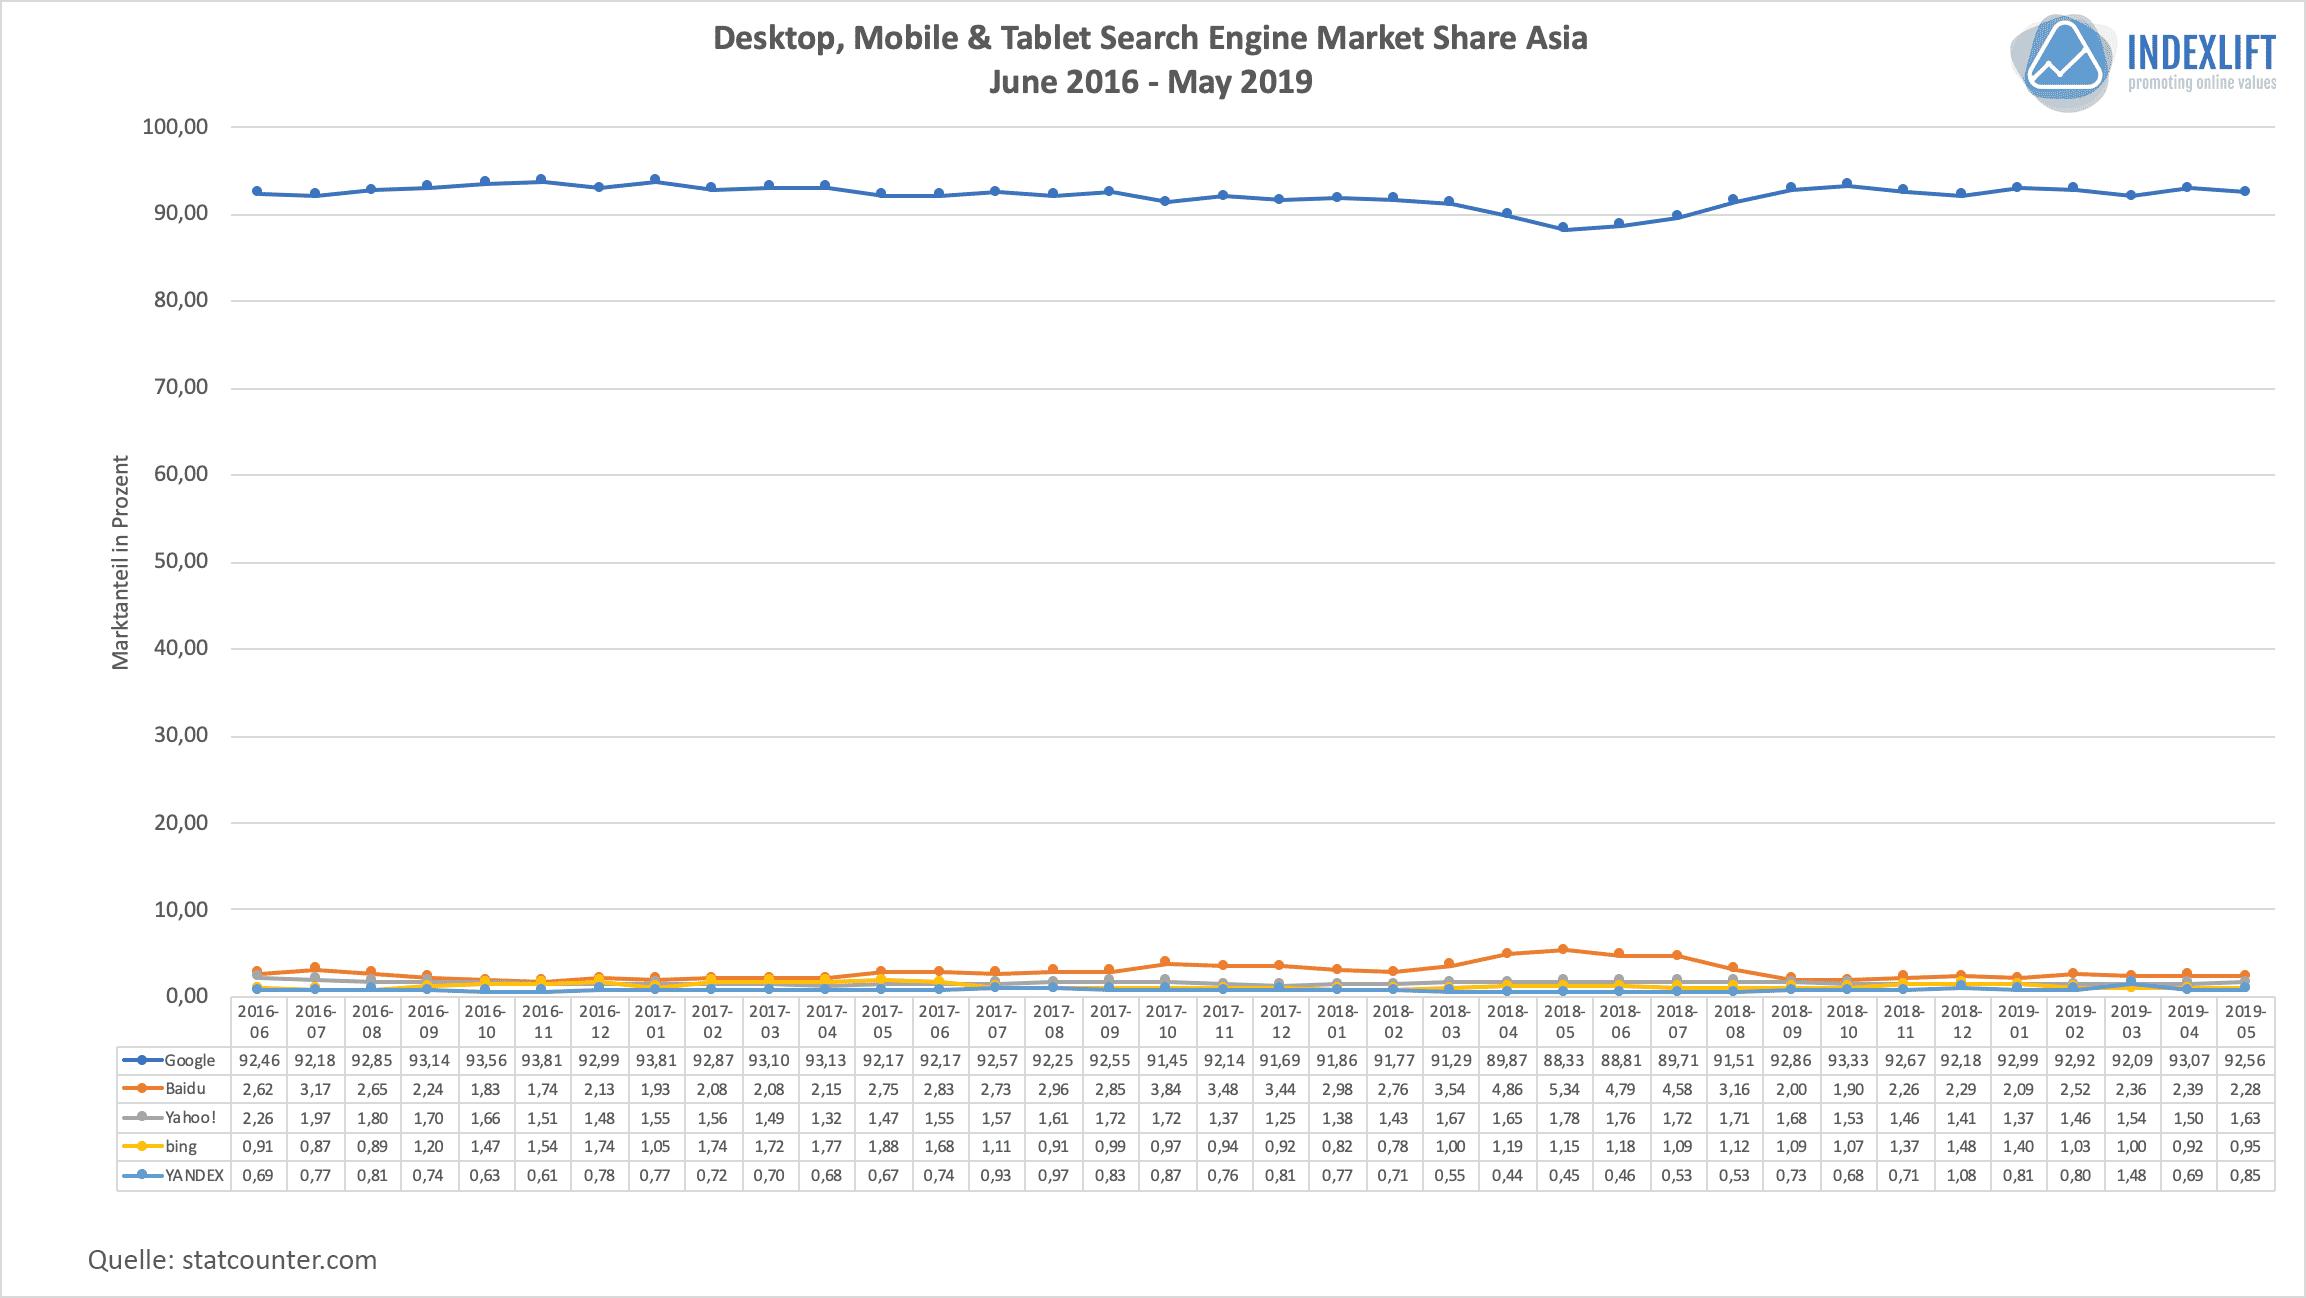 Marktanteile Suchmaschinen - Verteilung in Asien